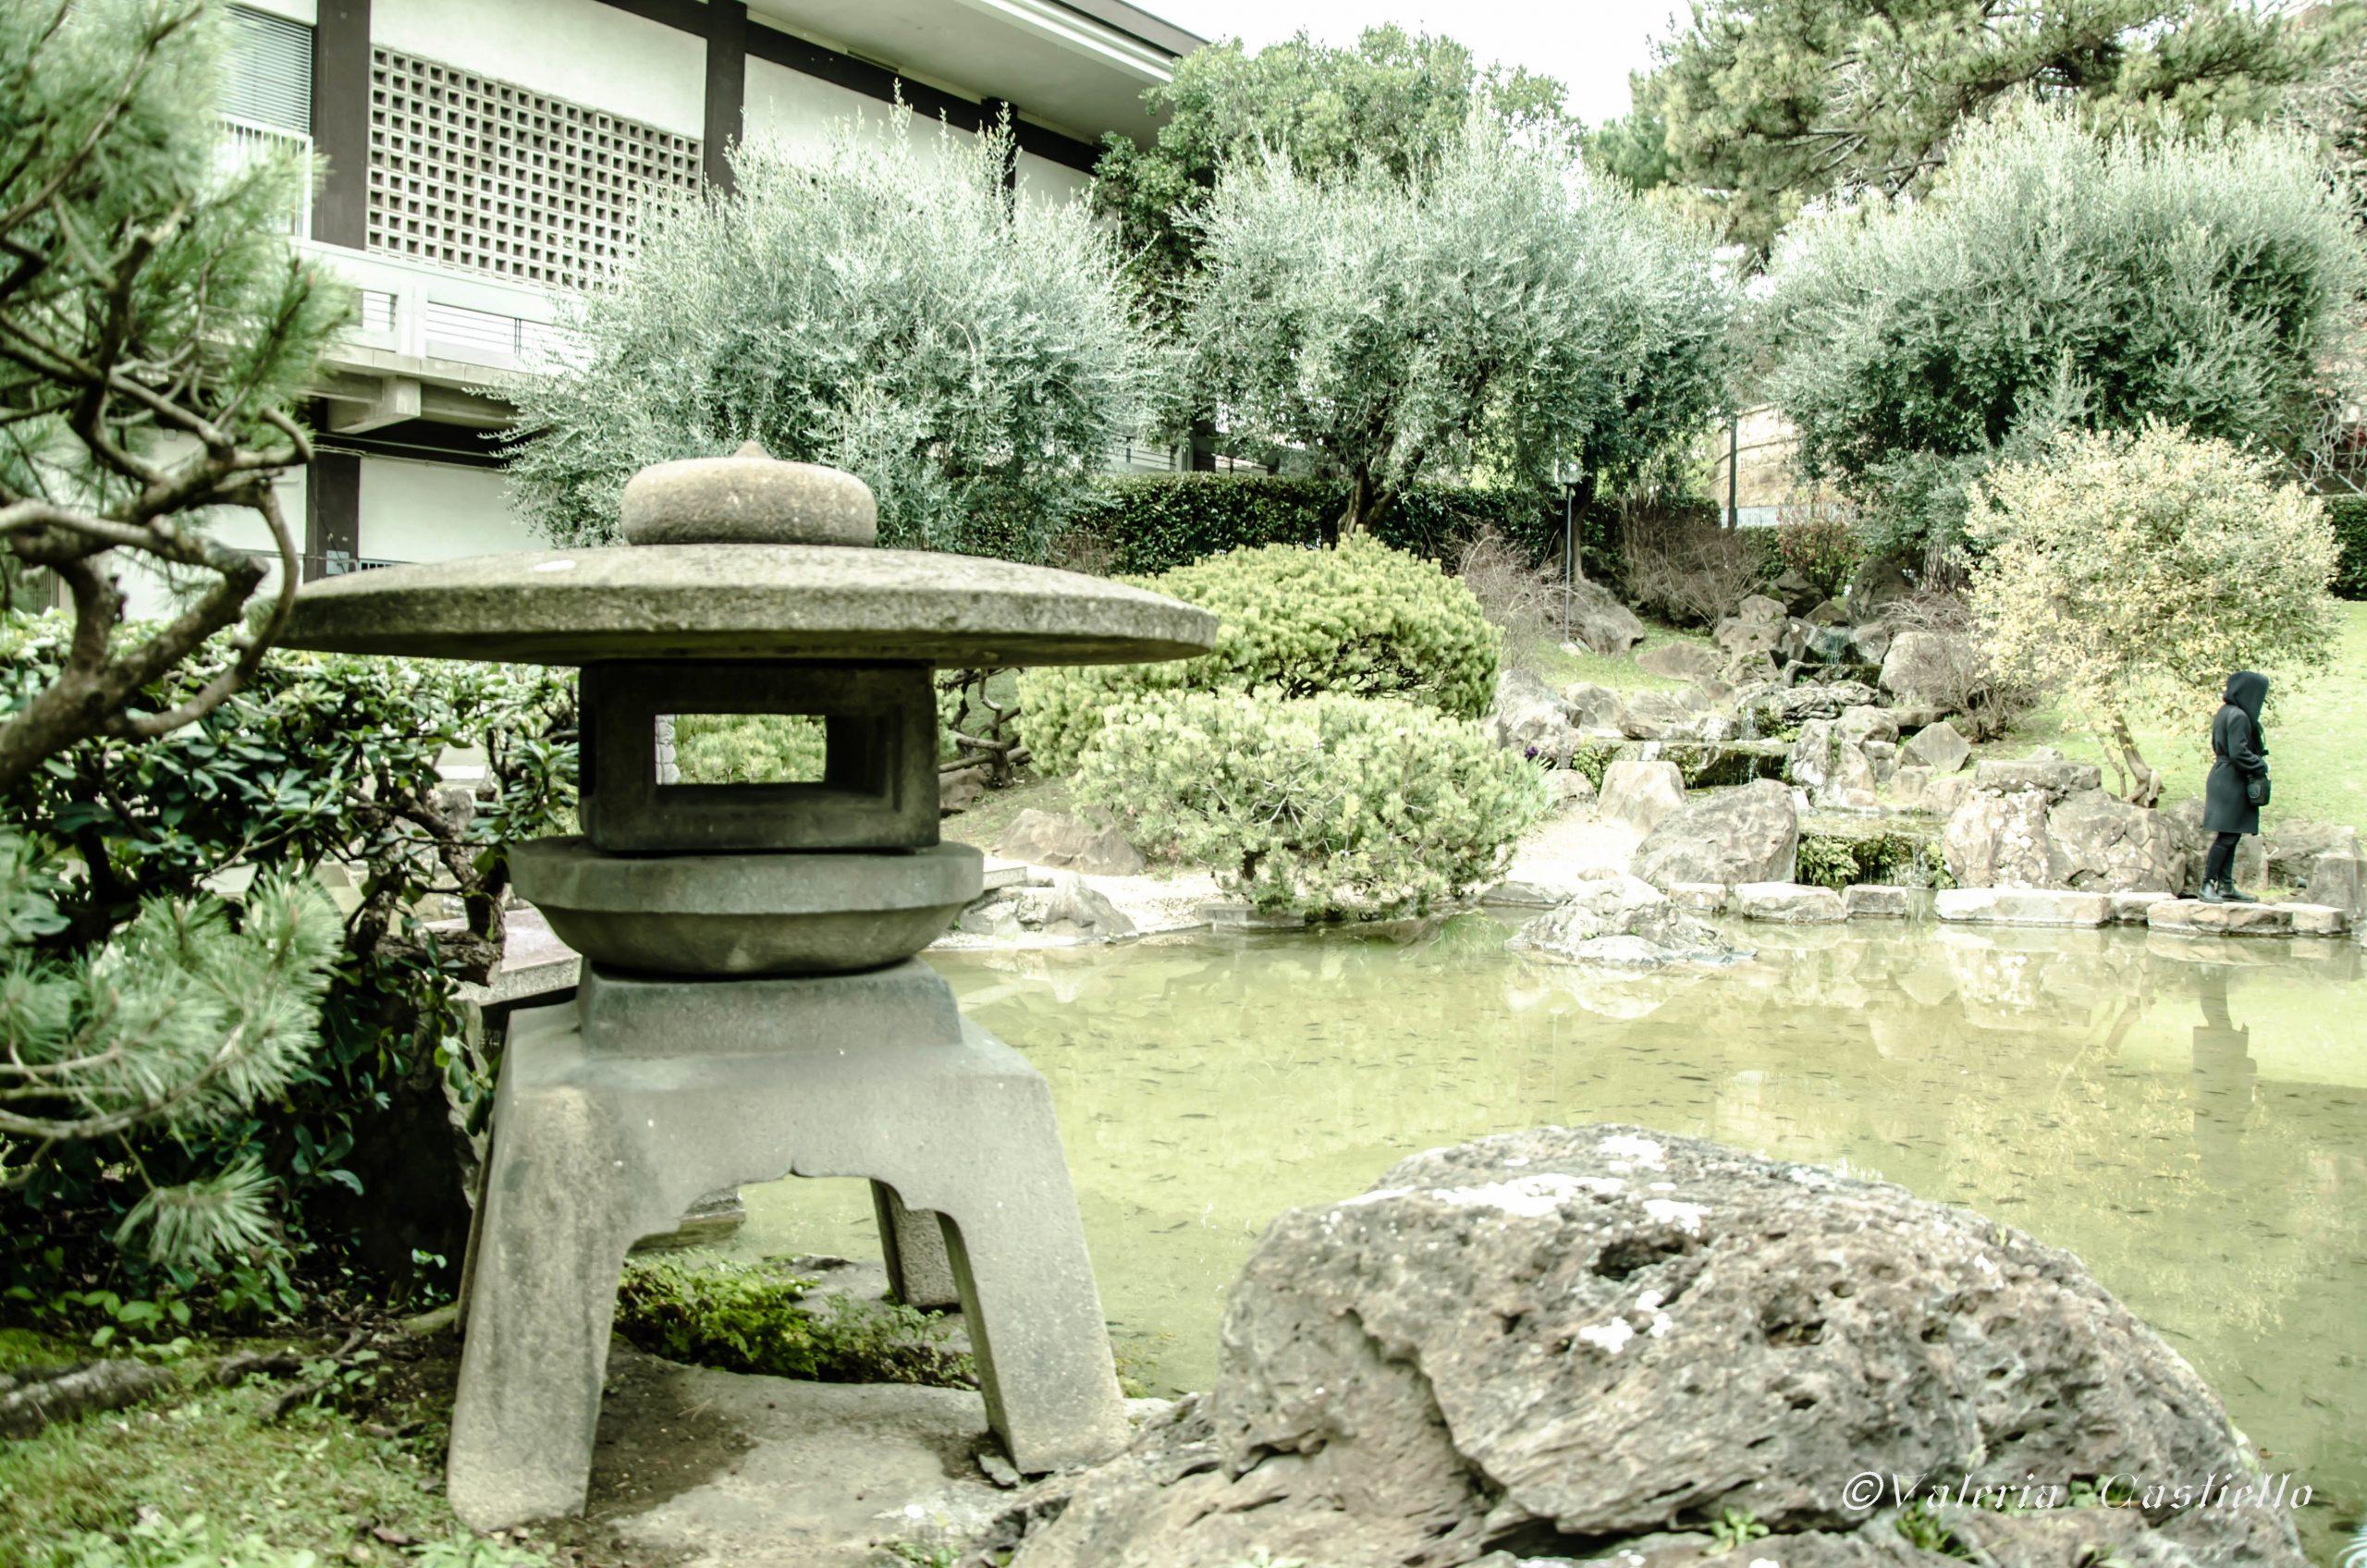 Giappone a Roma - Il giardino con laghetto (stile sen'en) dell'Istituto Giapponese di Roma